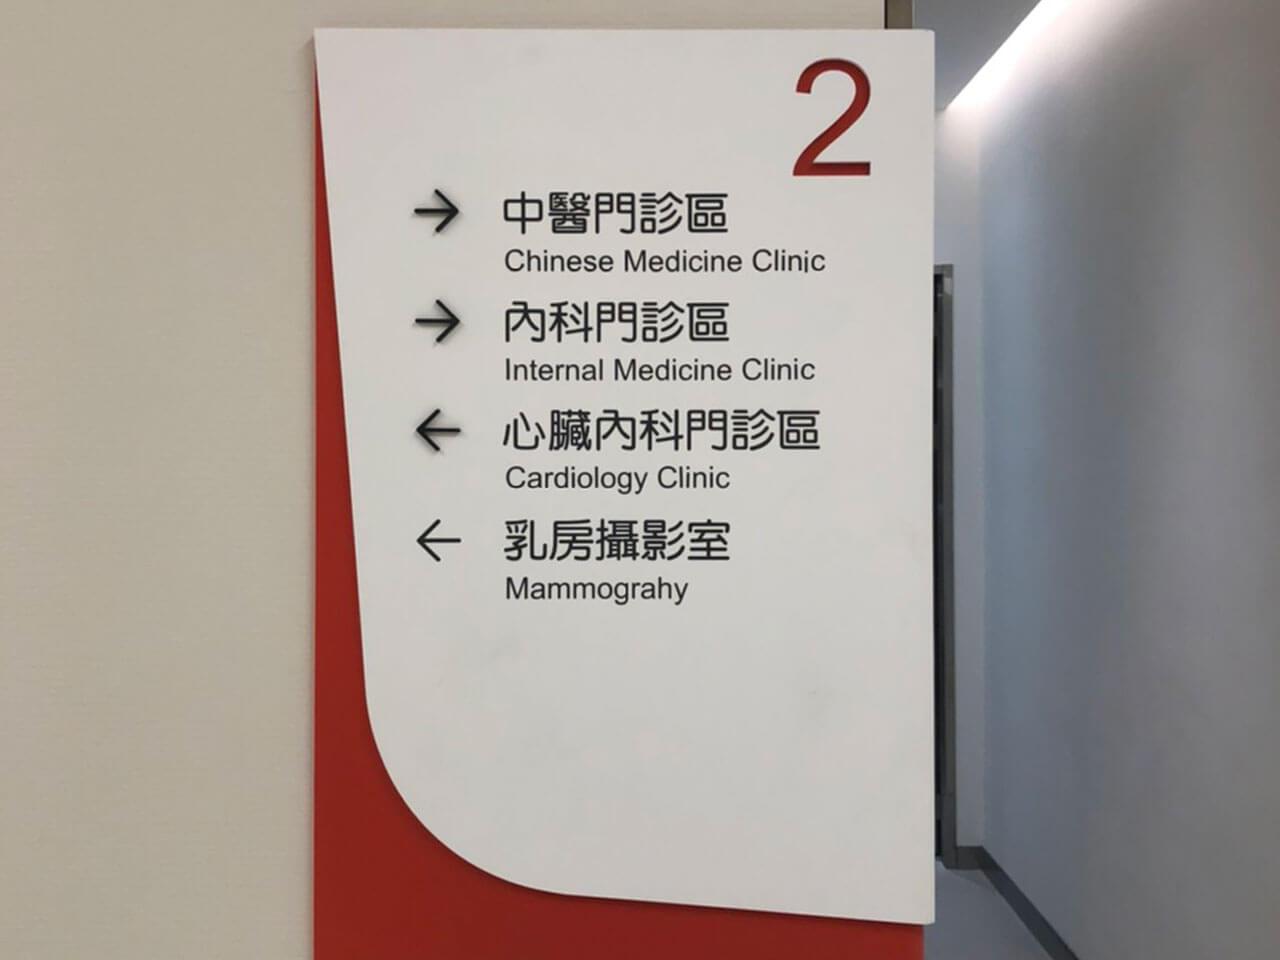 高雄醫院專業招牌指示牌製作